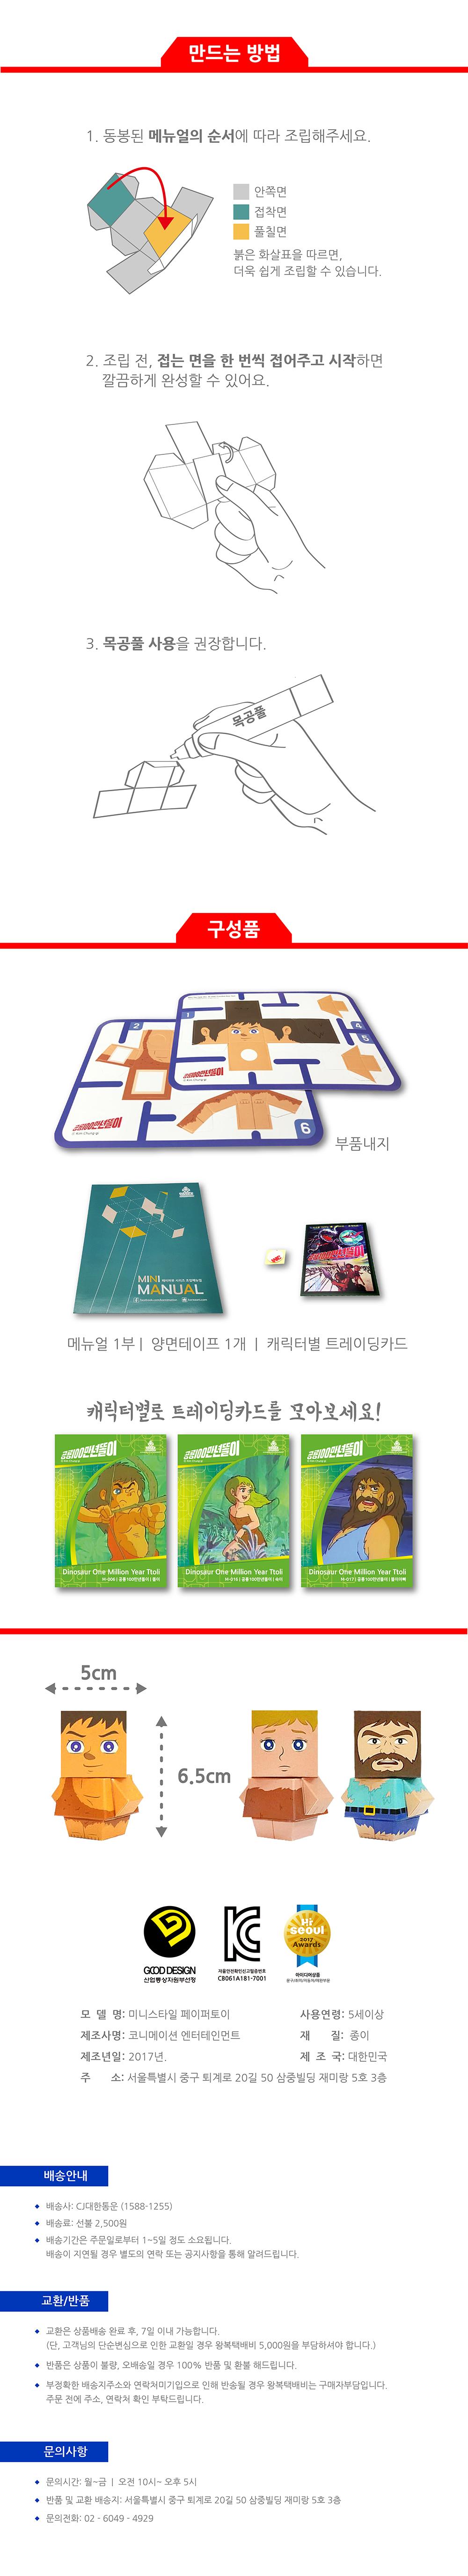 미니스타일 페이퍼토이 - 공룡100만년 똘이 시리즈 - 페이퍼봇, 4,000원, 페이퍼 토이, 캐릭터